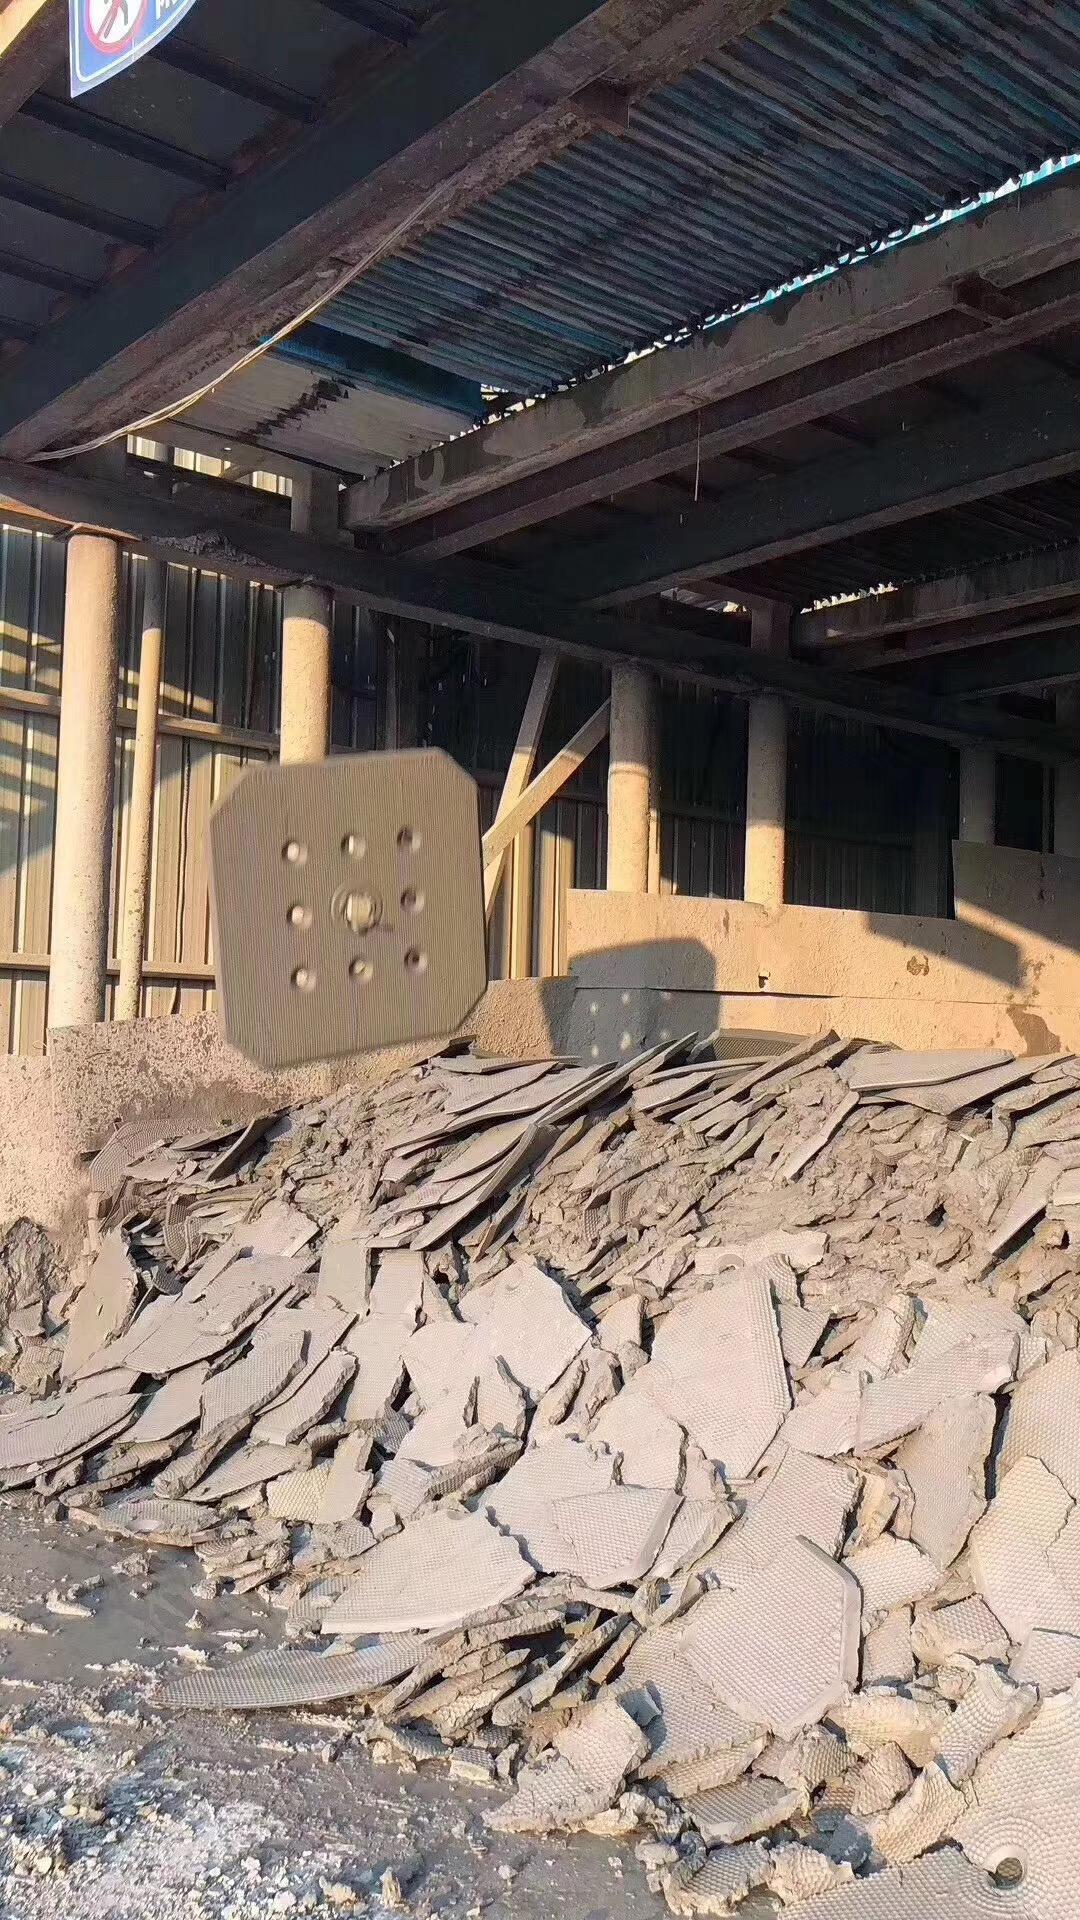 桥梁桩泥浆脱水压榨机,高速高铁施工打桩泥浆处理设备示例图5